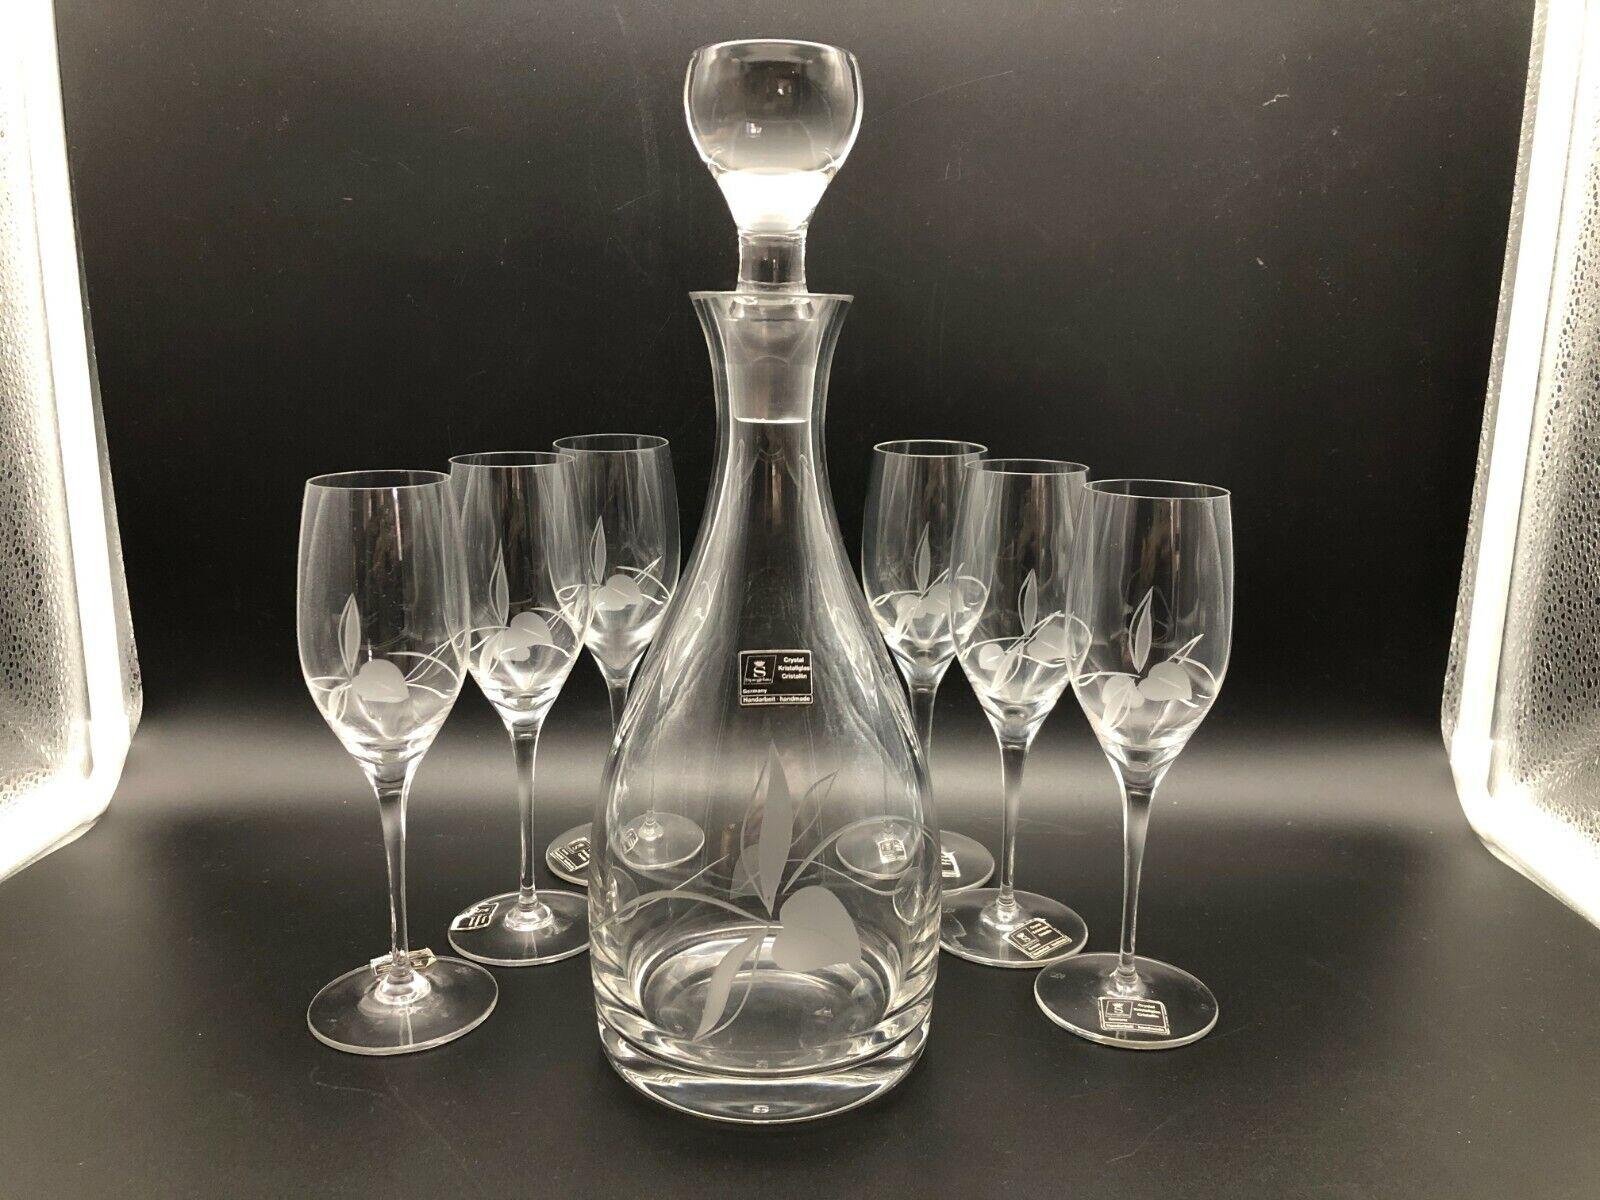 Spiegelau Karaffe + 6 Sherry-Grappa-gläser Schliff Kirschen geätzt Kristall-glas